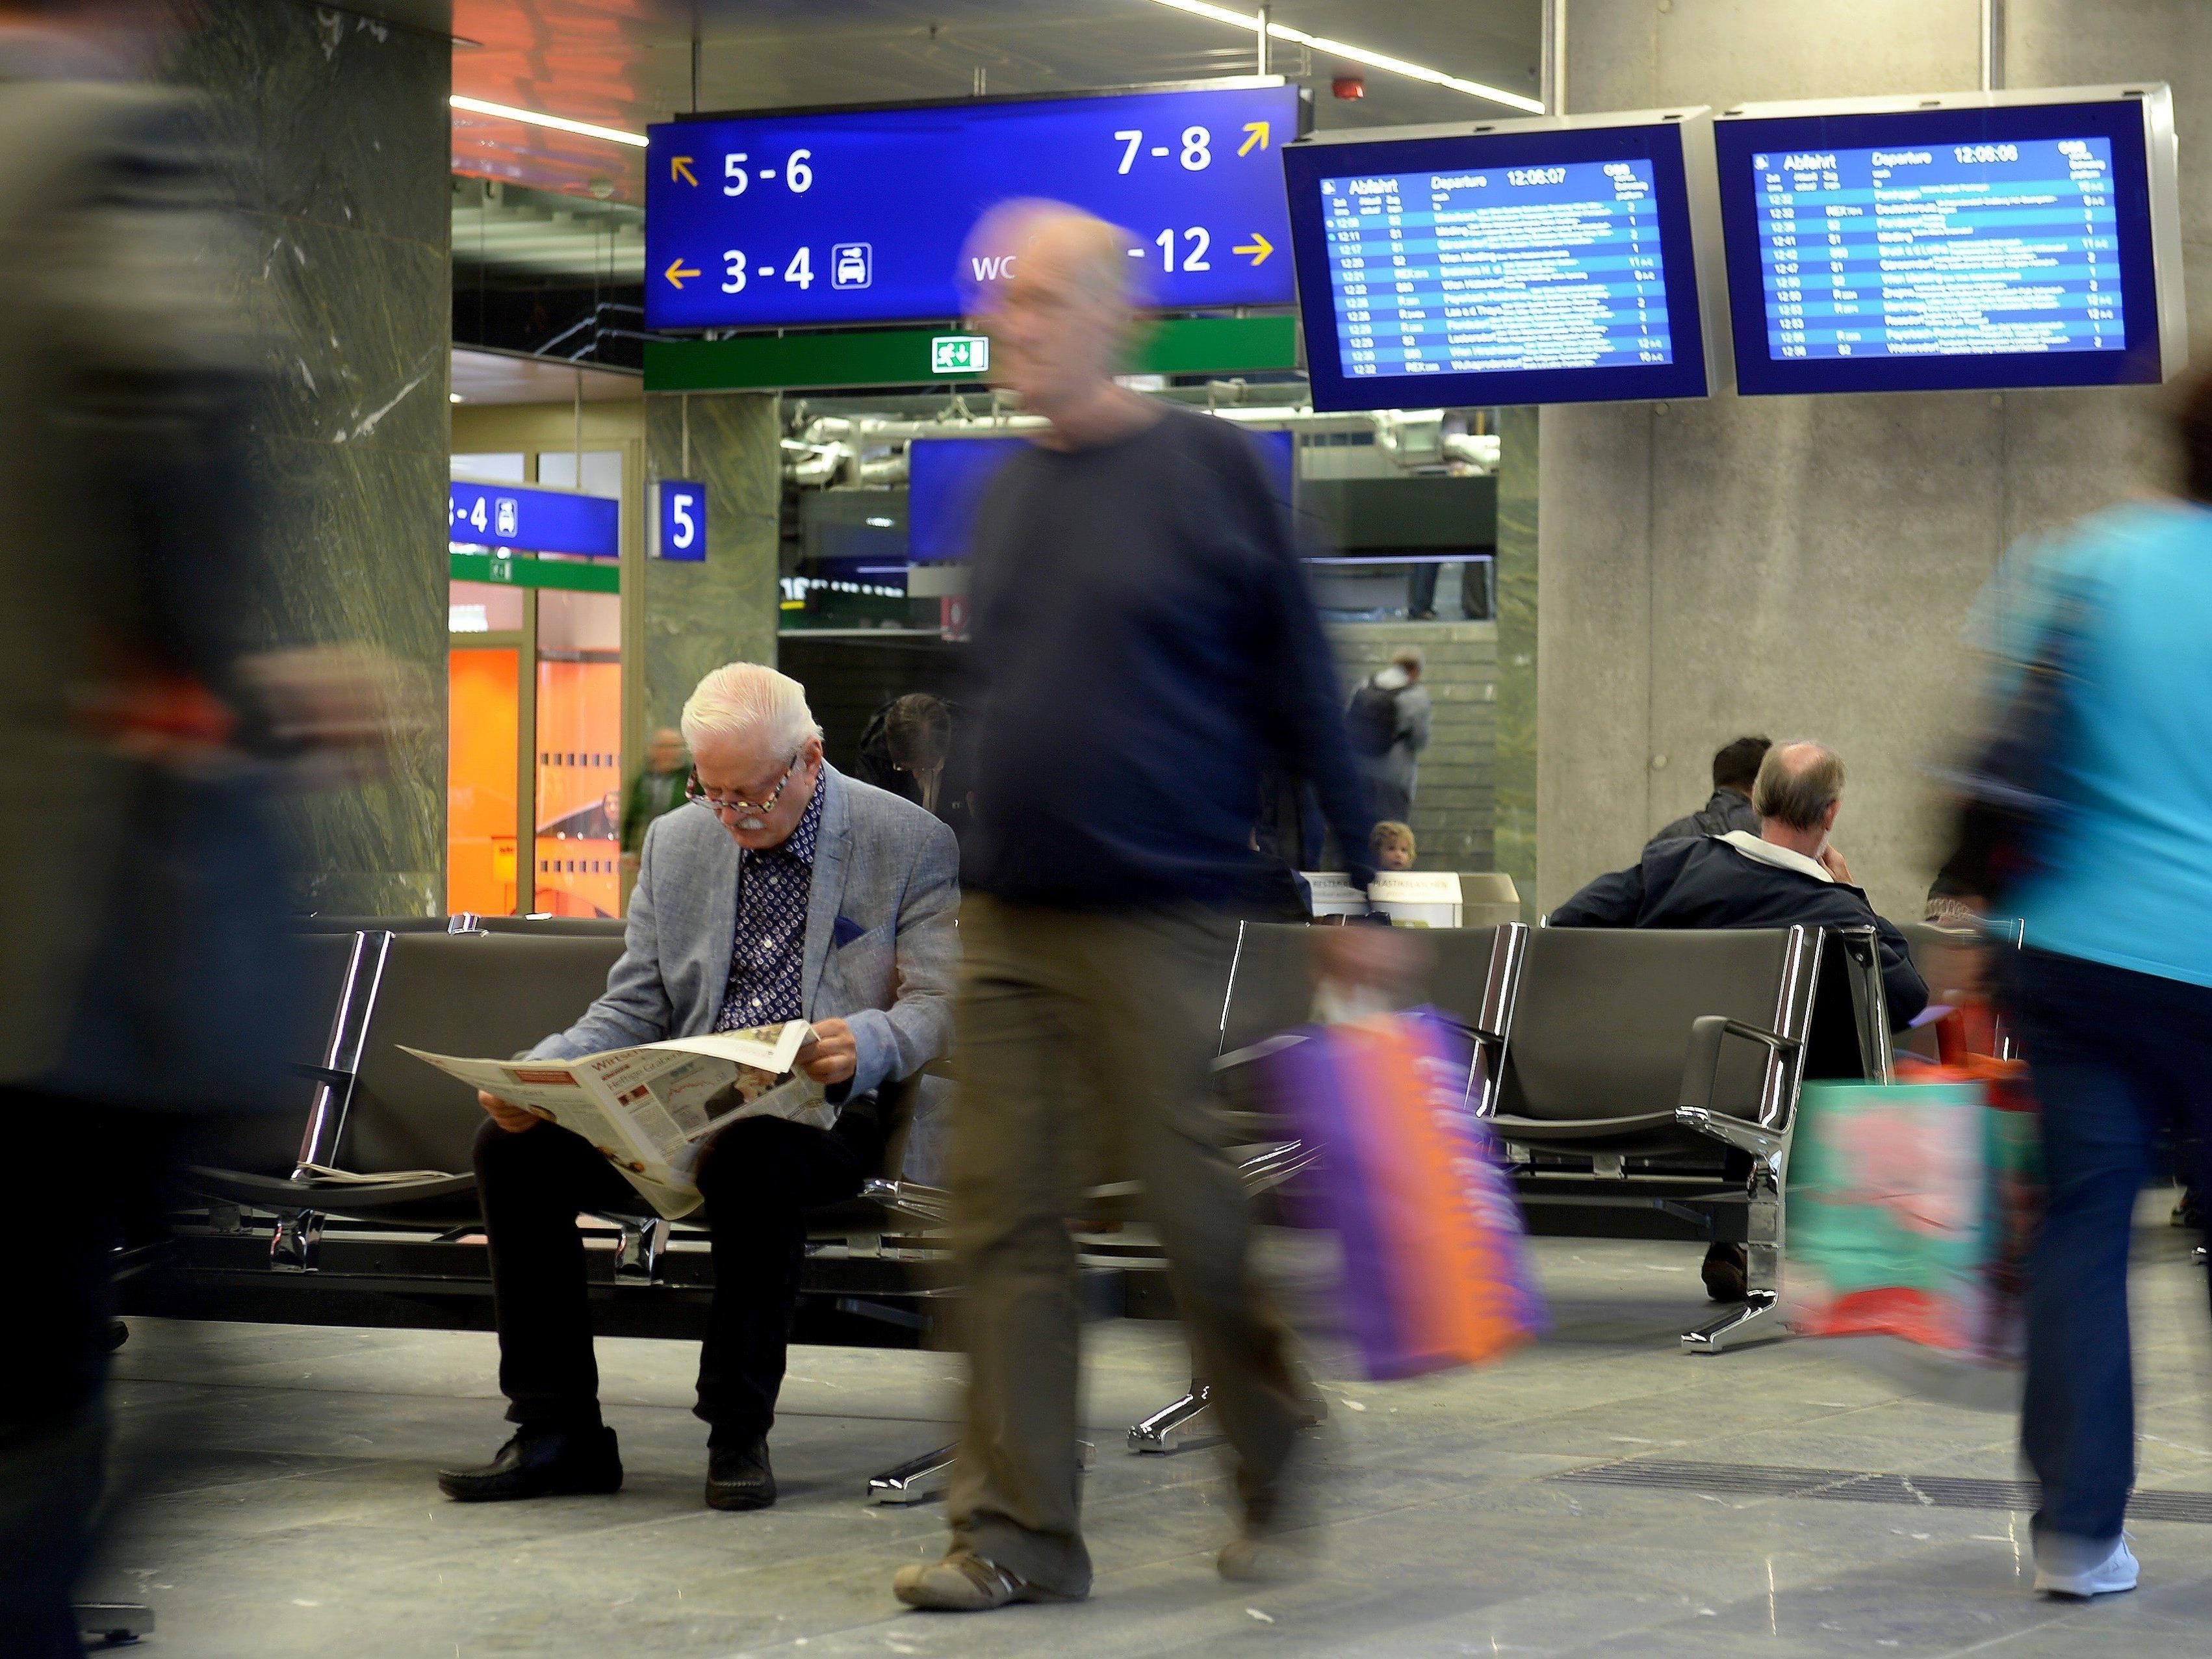 Sozialarbeiter-Stützpunkt am Wiener Hauptbahnhof eröffnet